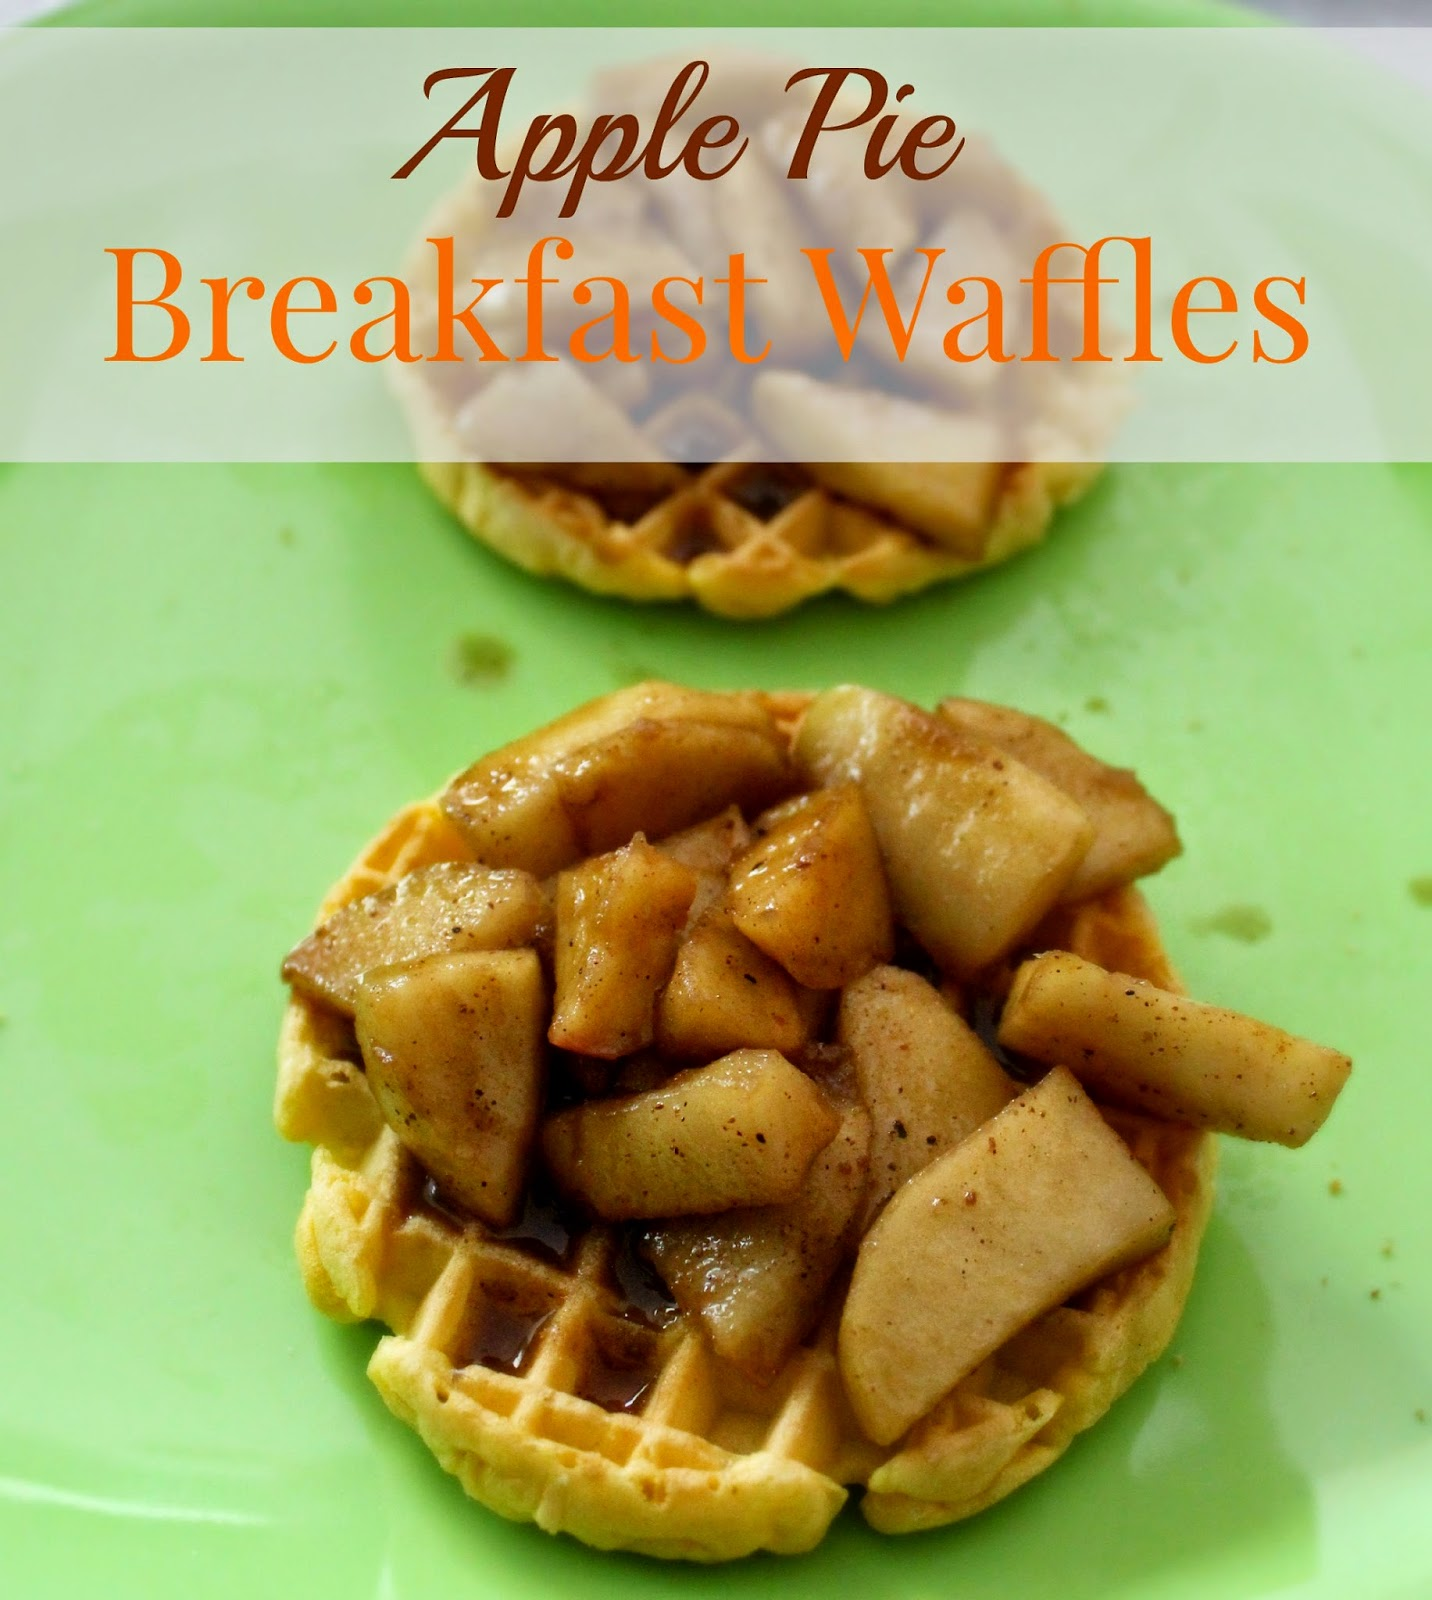 Apple Pie Breakfast Waffles recipe #4MoreWaffles #shop